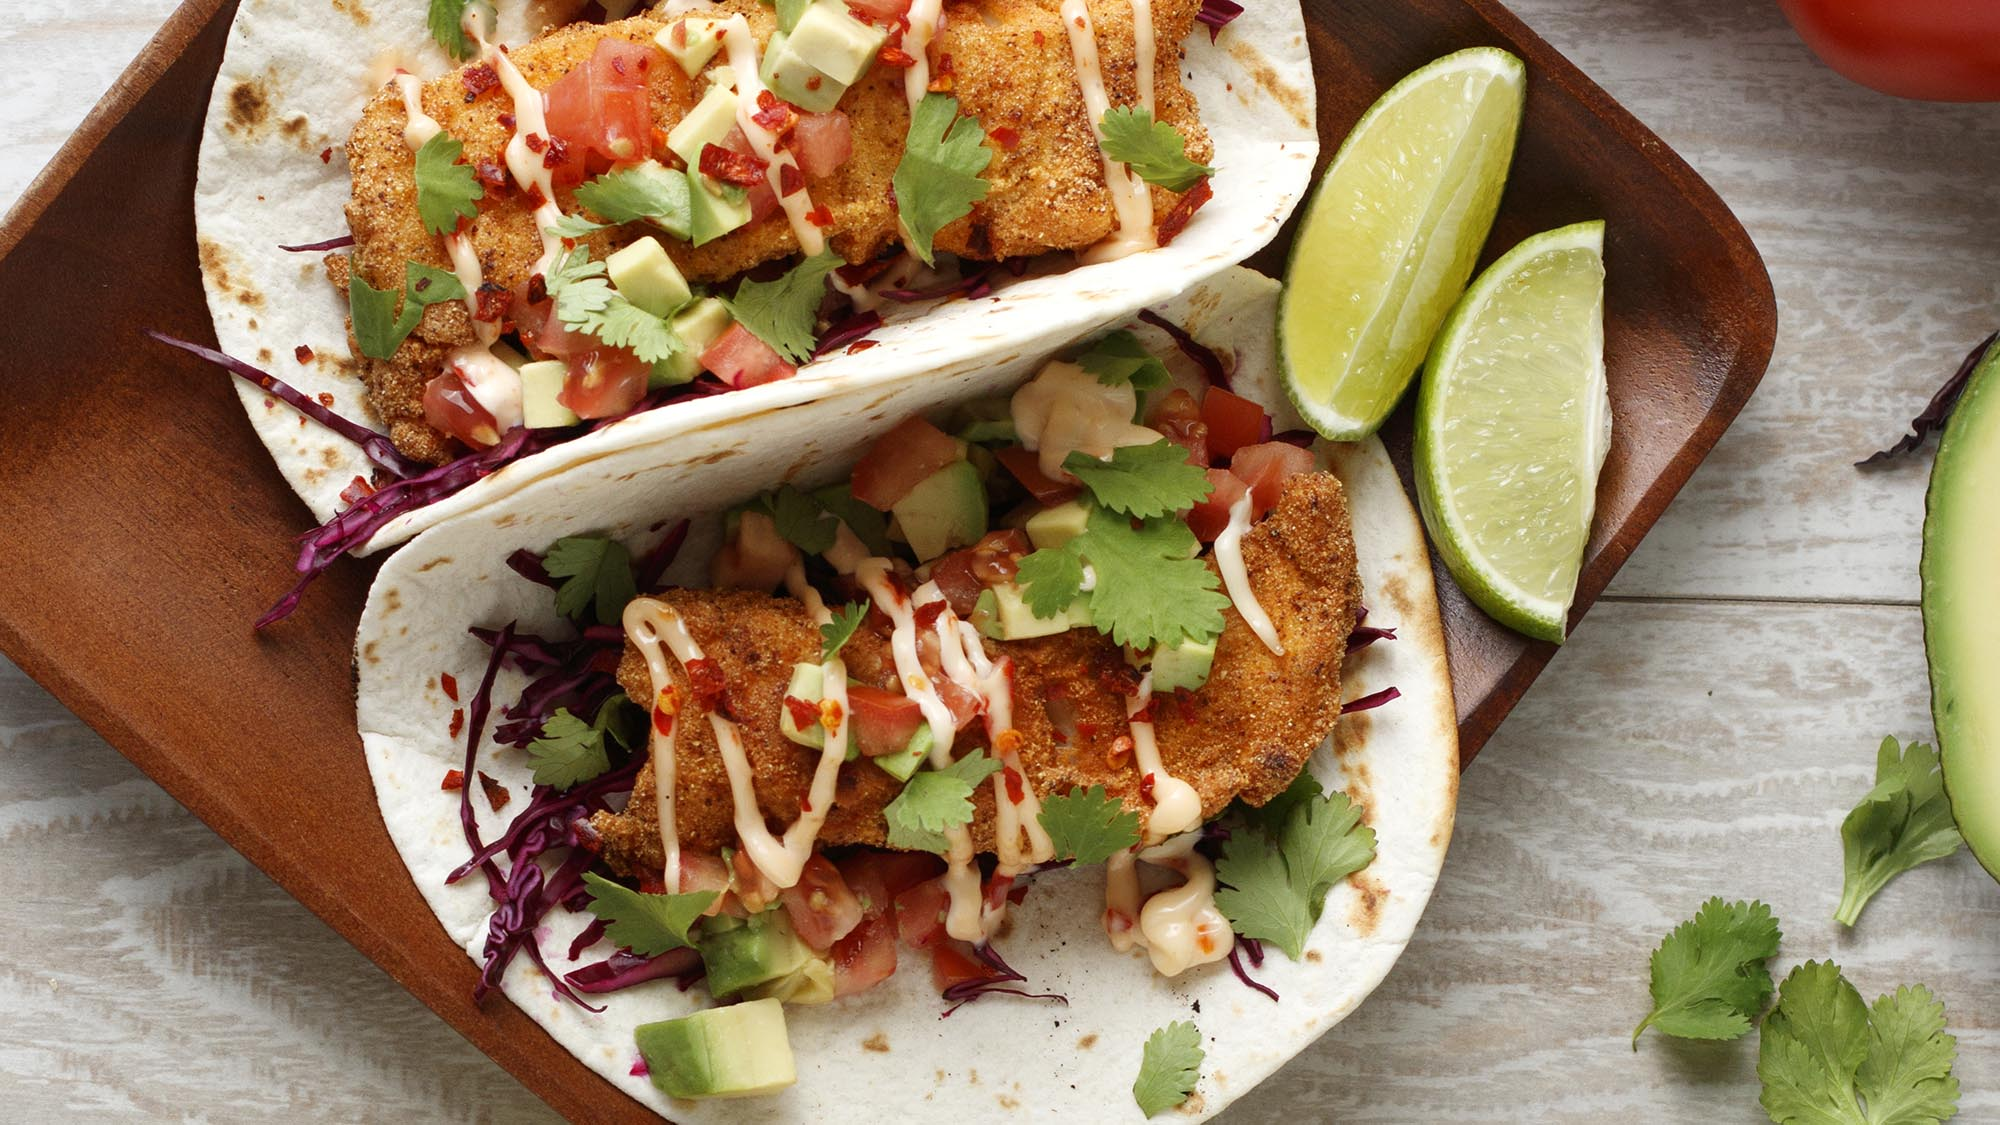 Creole_Fish_Tacos_2000x1125.jpg